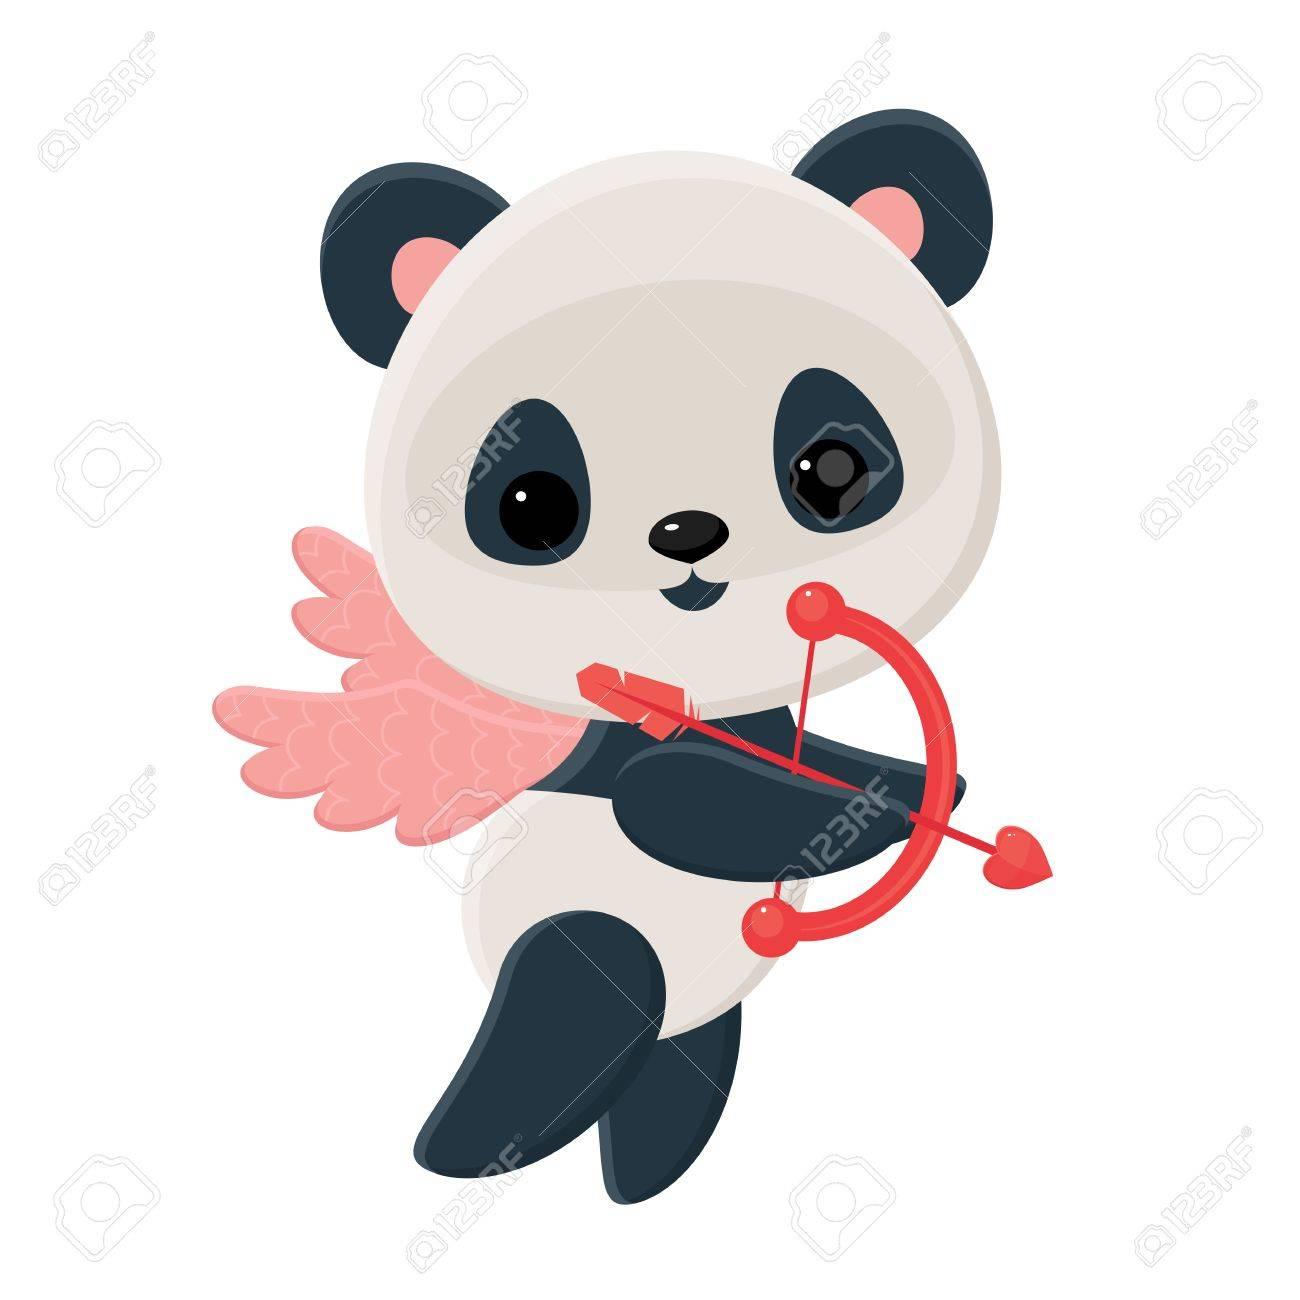 """Résultat de recherche d'images pour """"panda avec des ailes"""""""